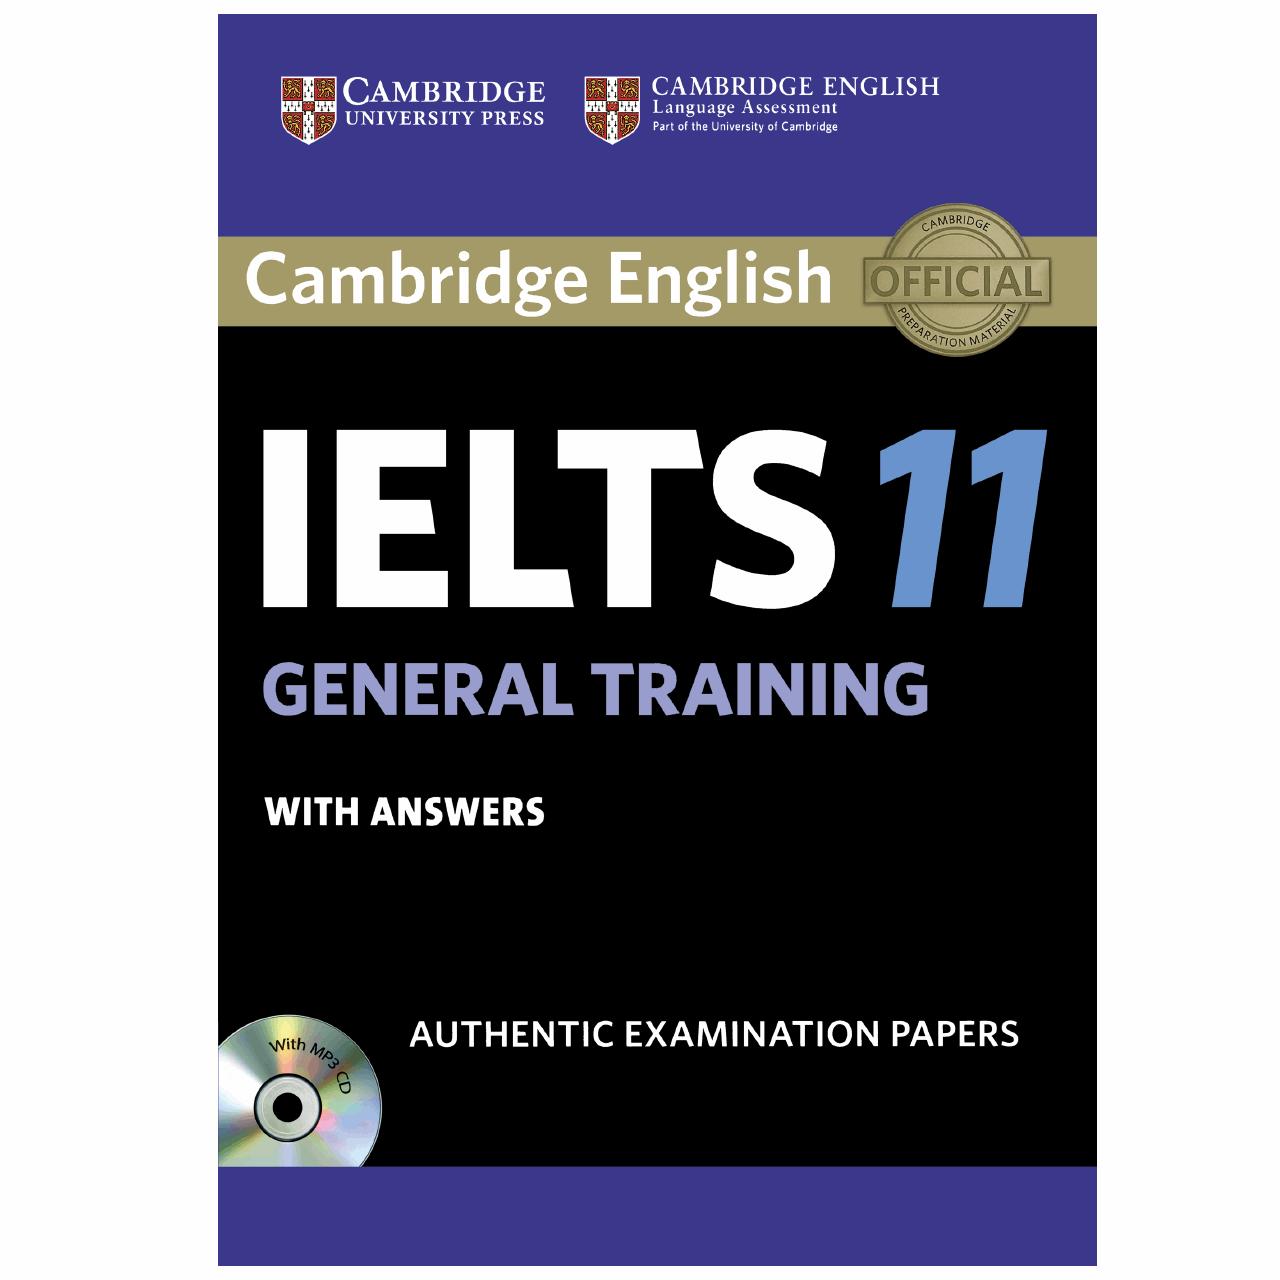 کتاب زبان IELTS Cambridge 11 General همراه با CD انتشارات کمبریج